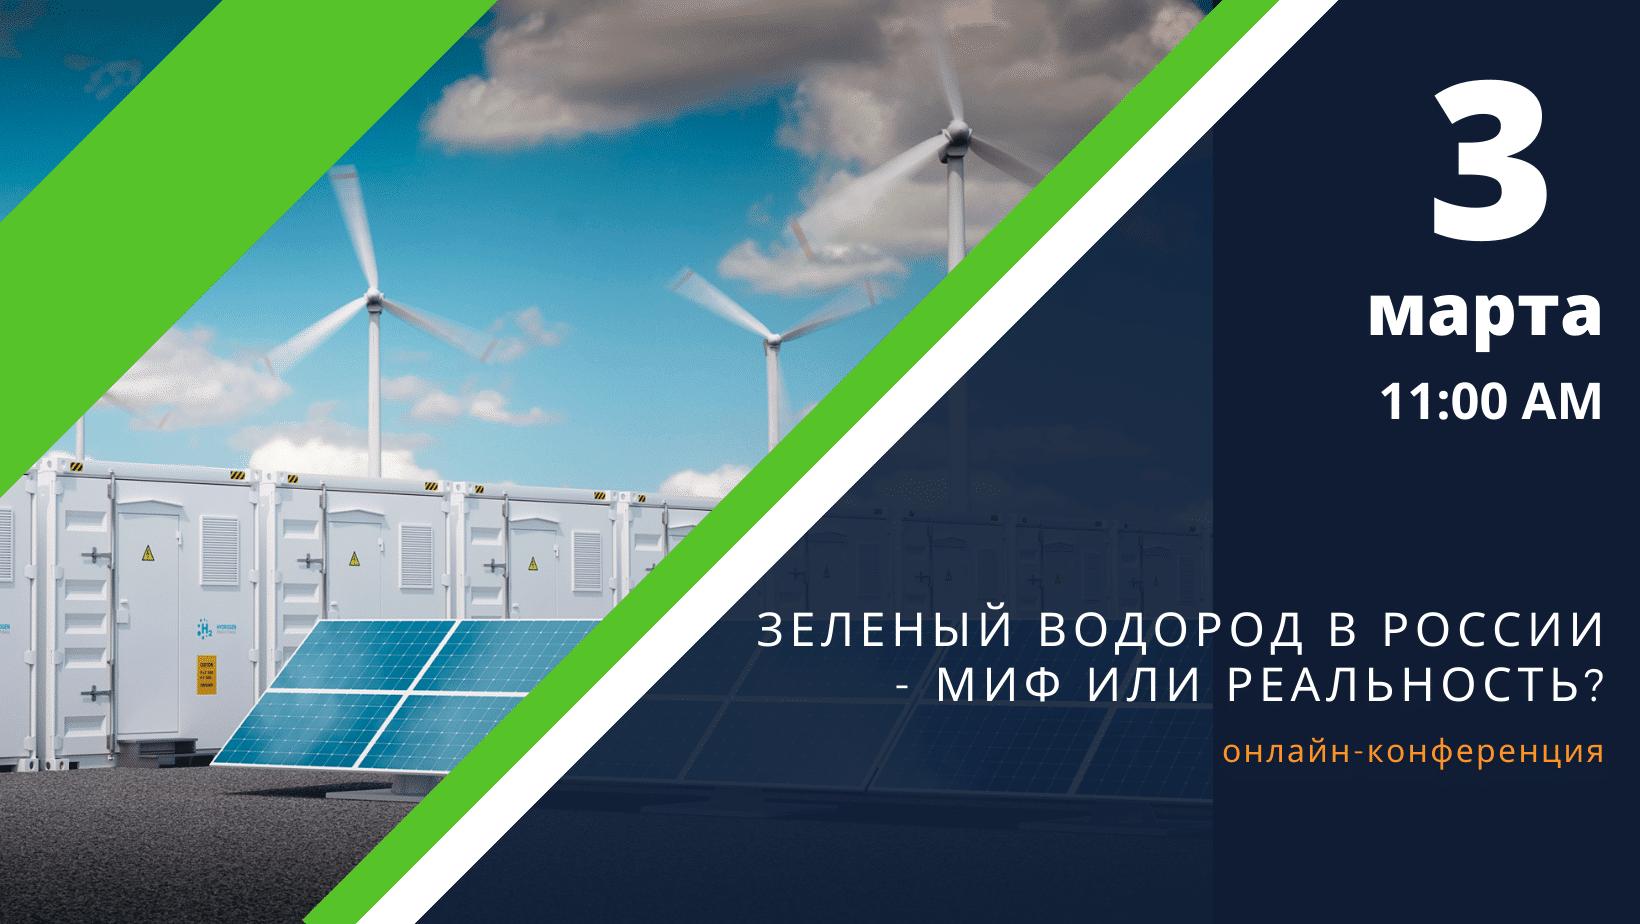 Зеленый водород в России - миф или реальность?